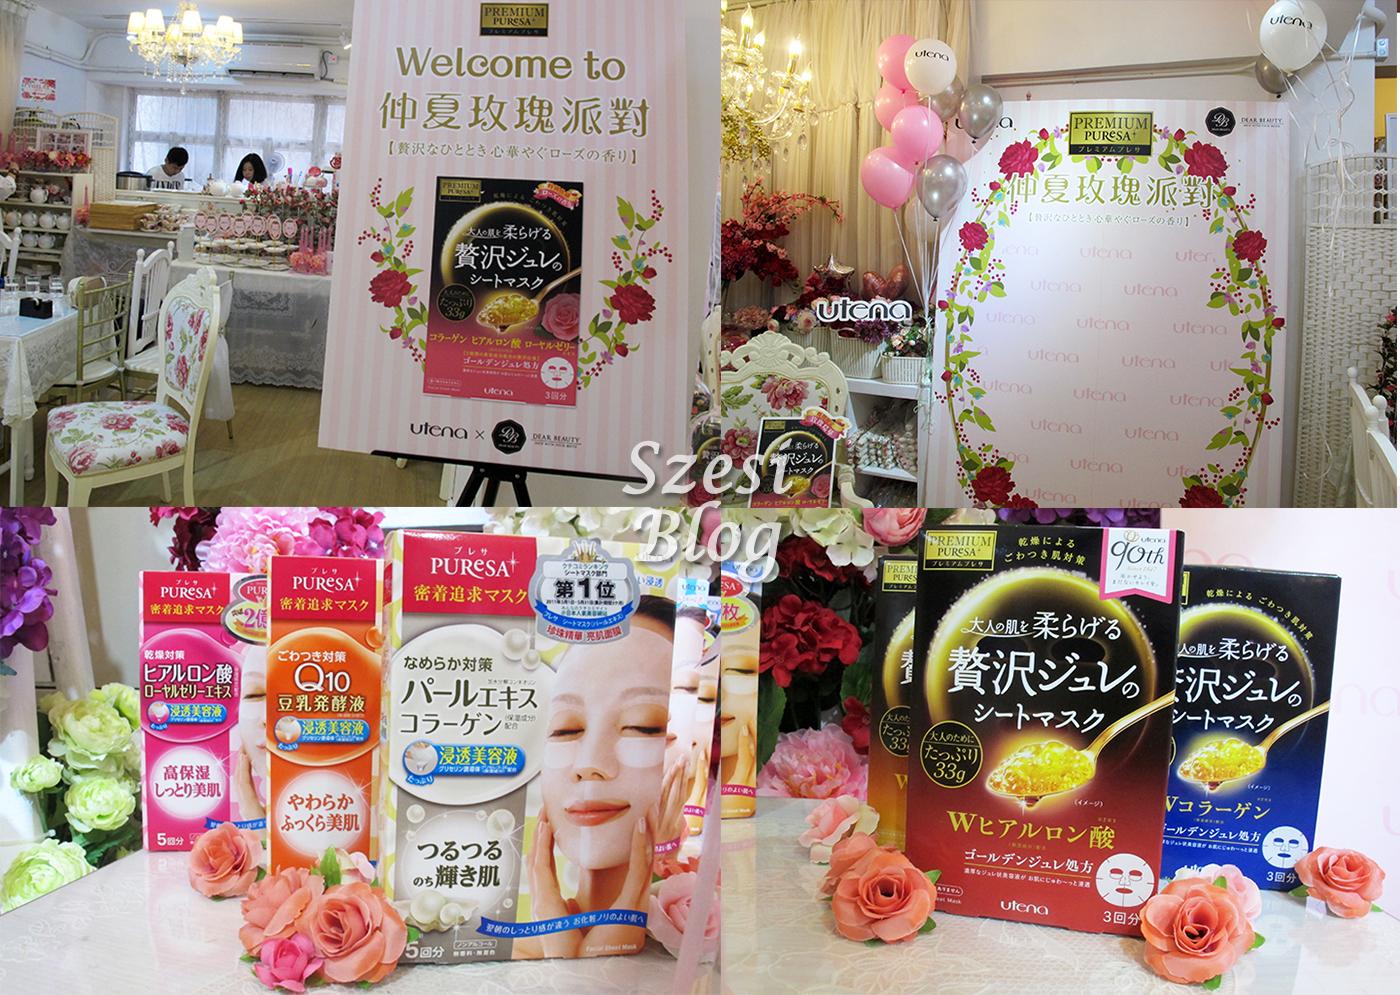 日本Utena Premium Puresa 玫瑰黃金啫喱面膜: 一包33g精華 有效提升皮膚水份 ...